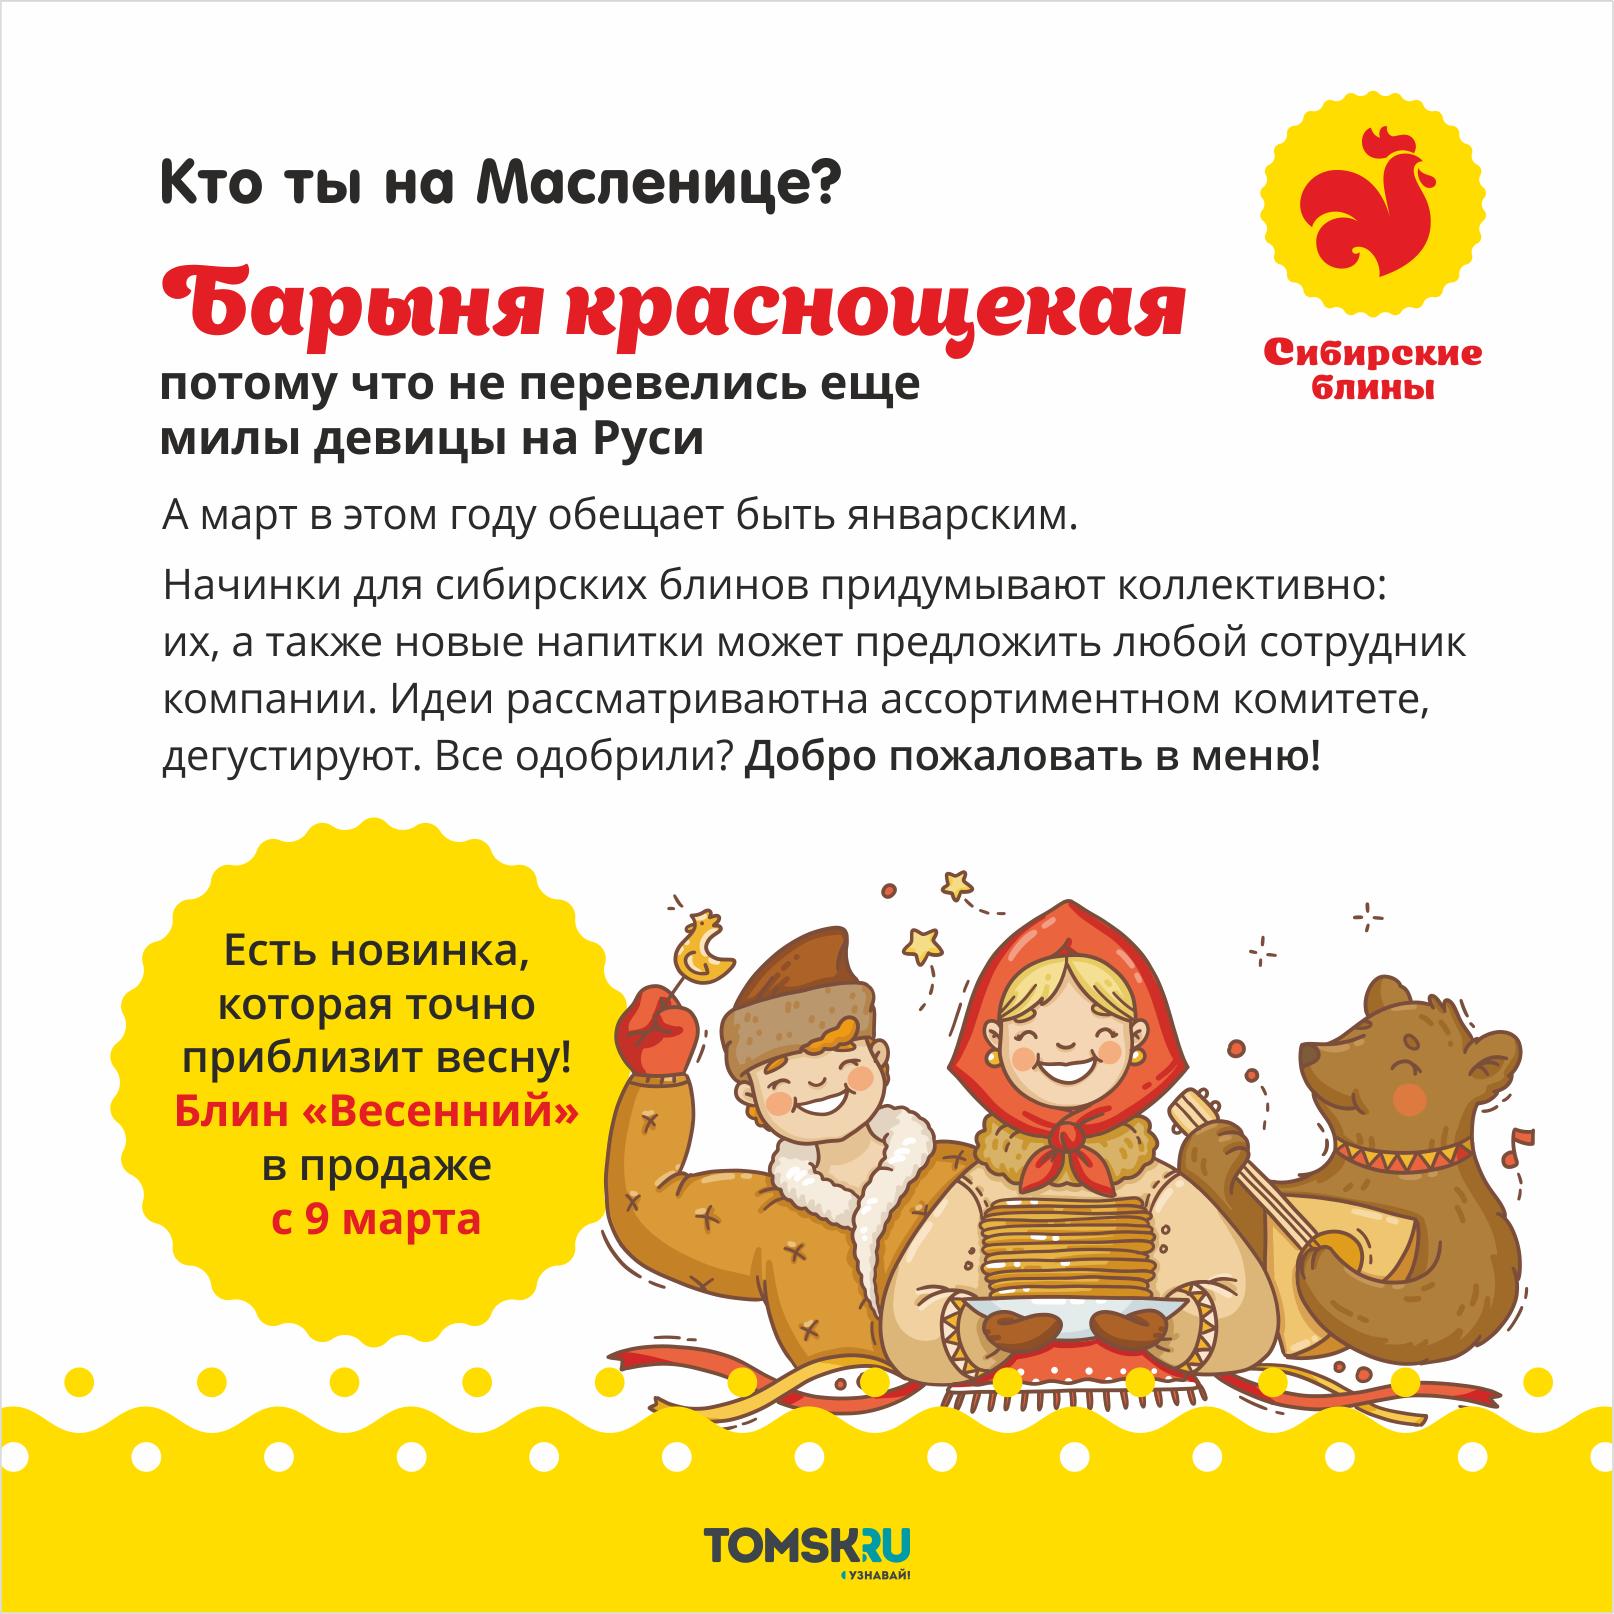 Мамин классик, Домовенок или барыня: выбираем образ на Масленицу с Сибирскими блинами